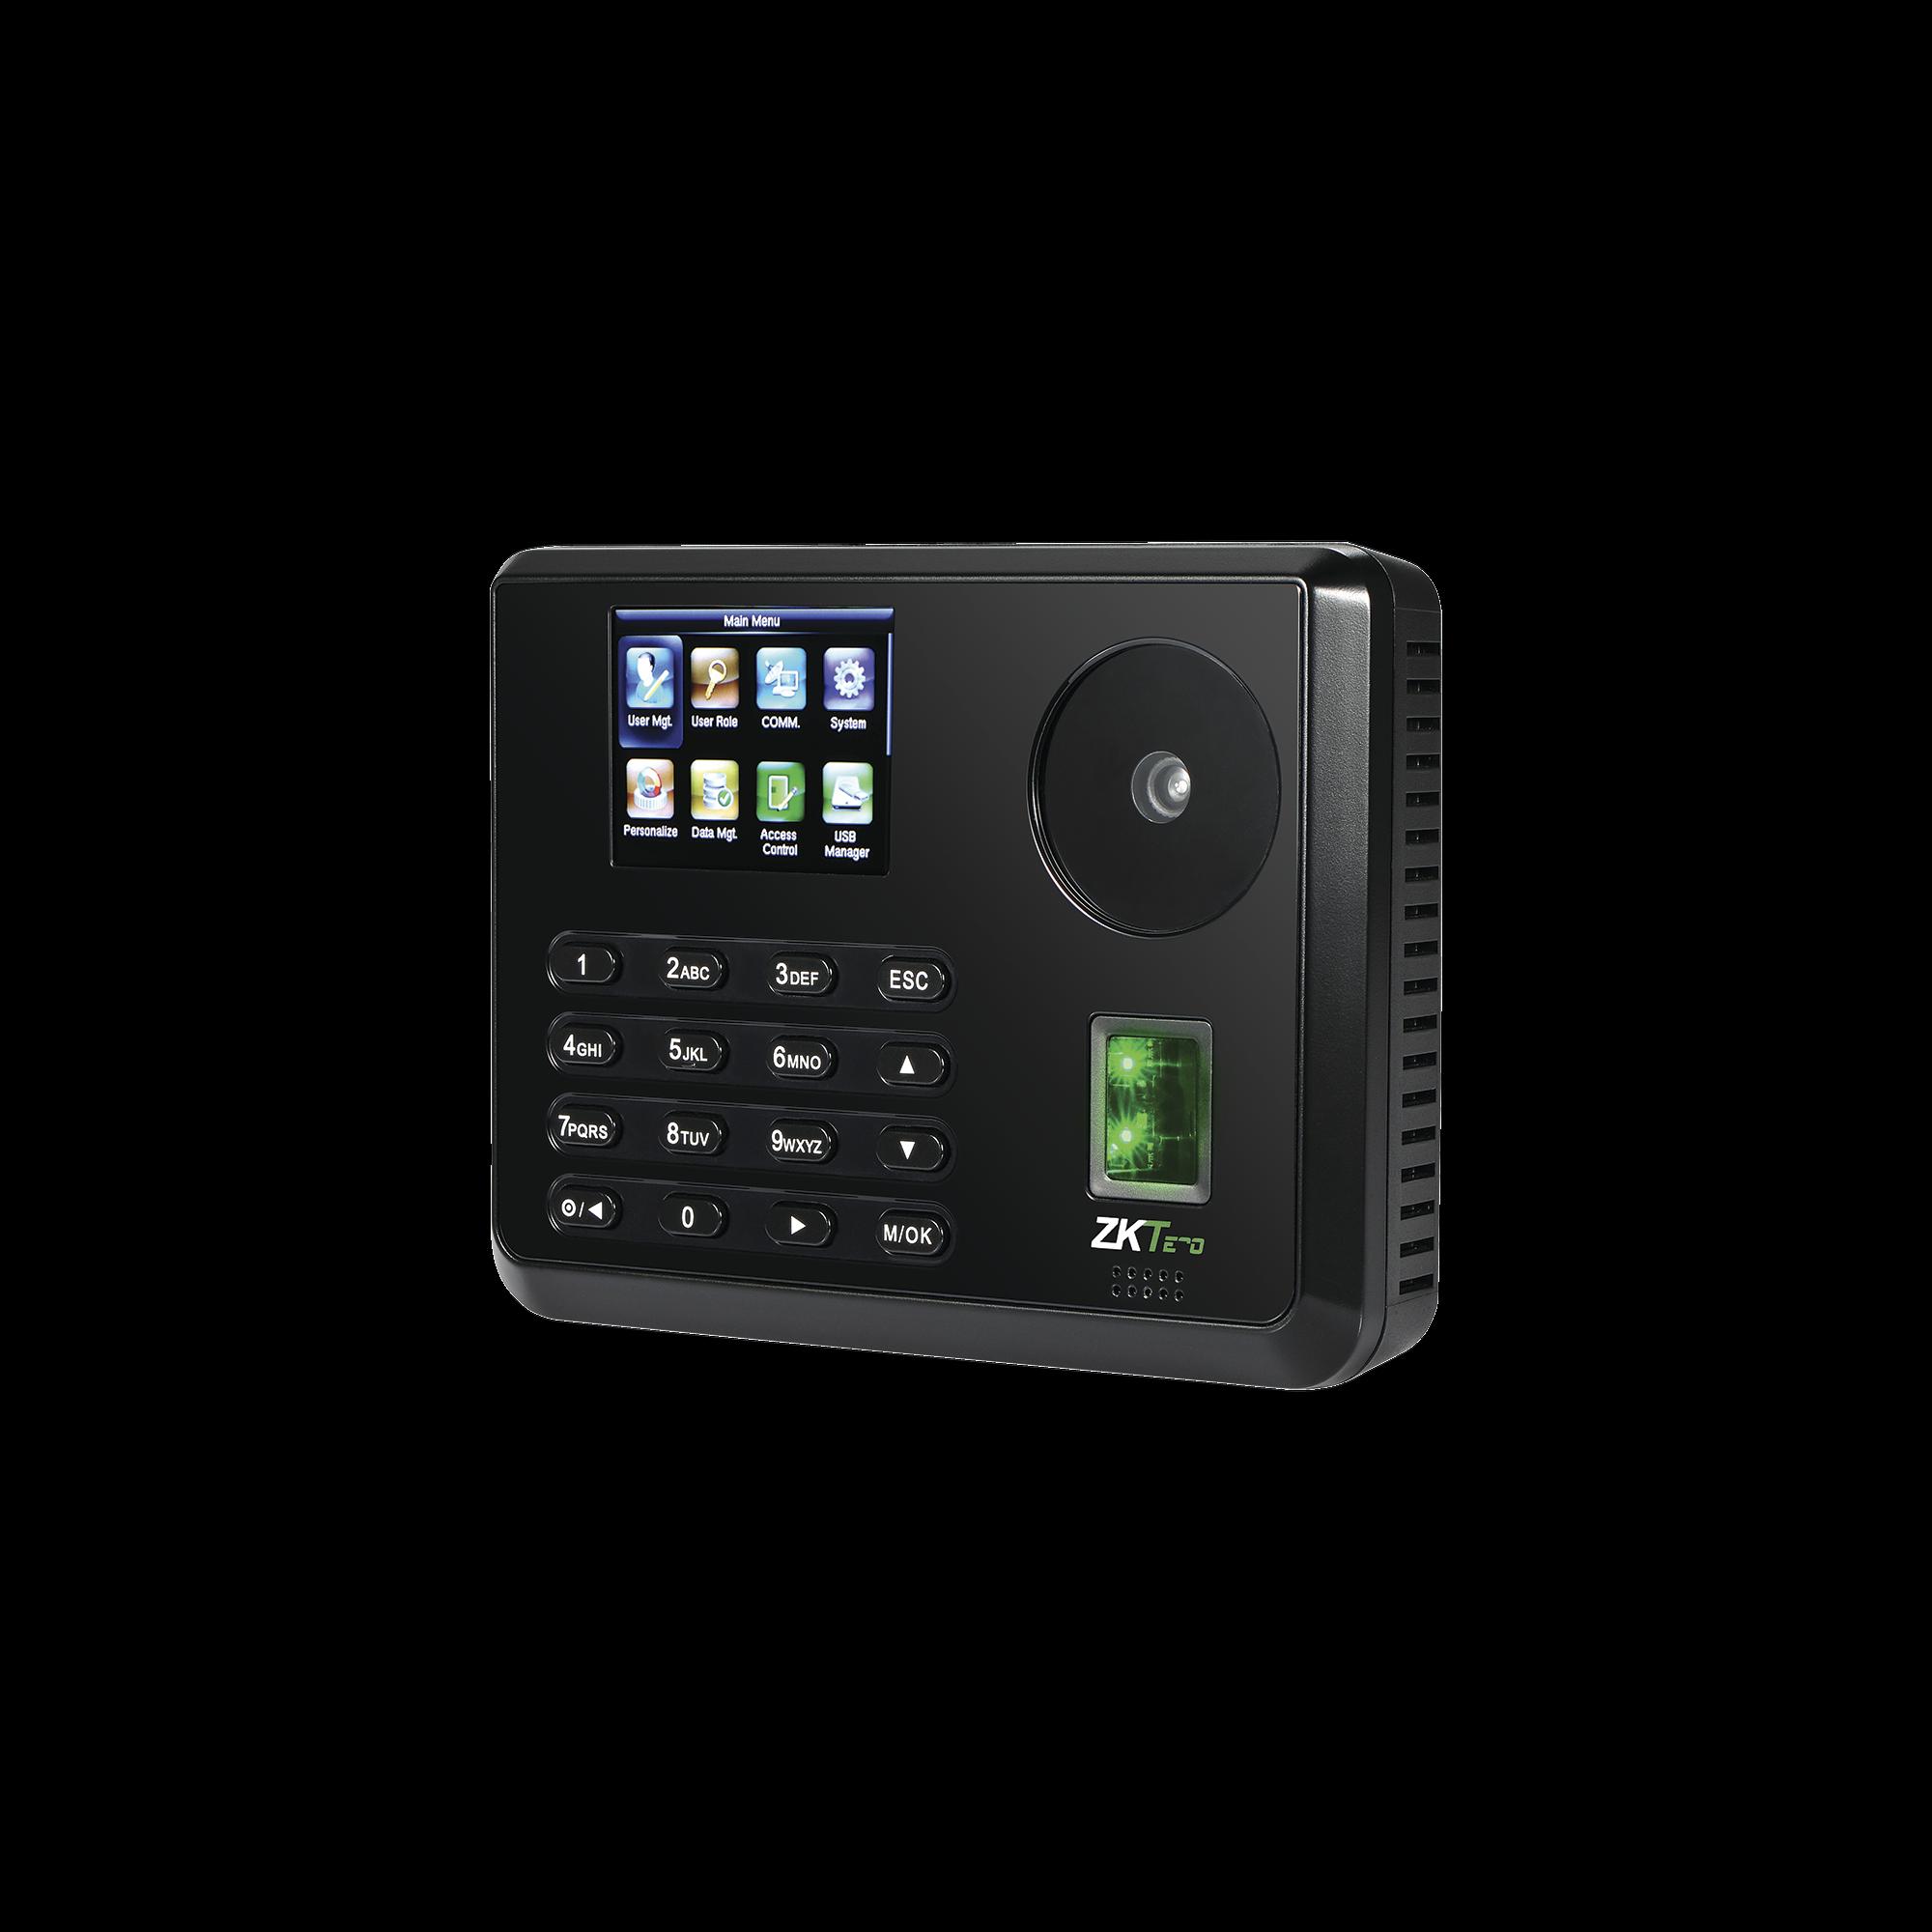 Terminal Biométrica de Palma y Huella Digital para Gestión de Asistencia y Control de Acceso